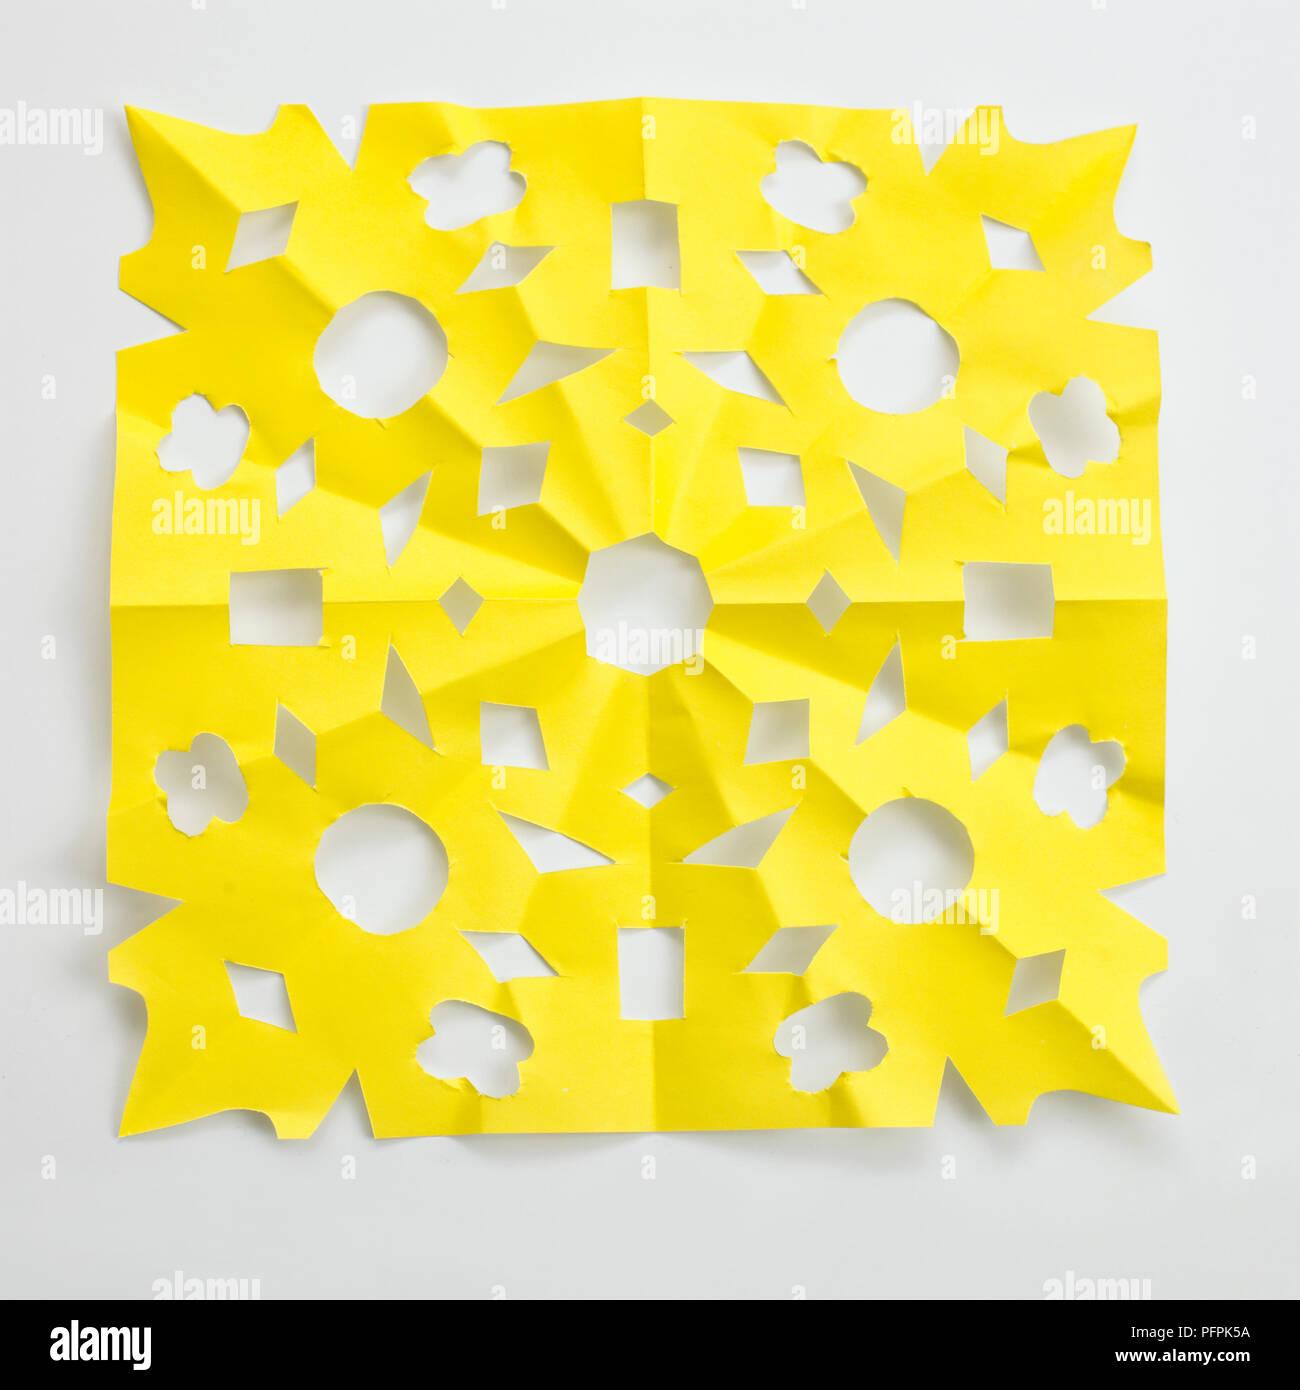 Foglio di carta gialla con schema simmetrico tagliati in essa Immagini Stock